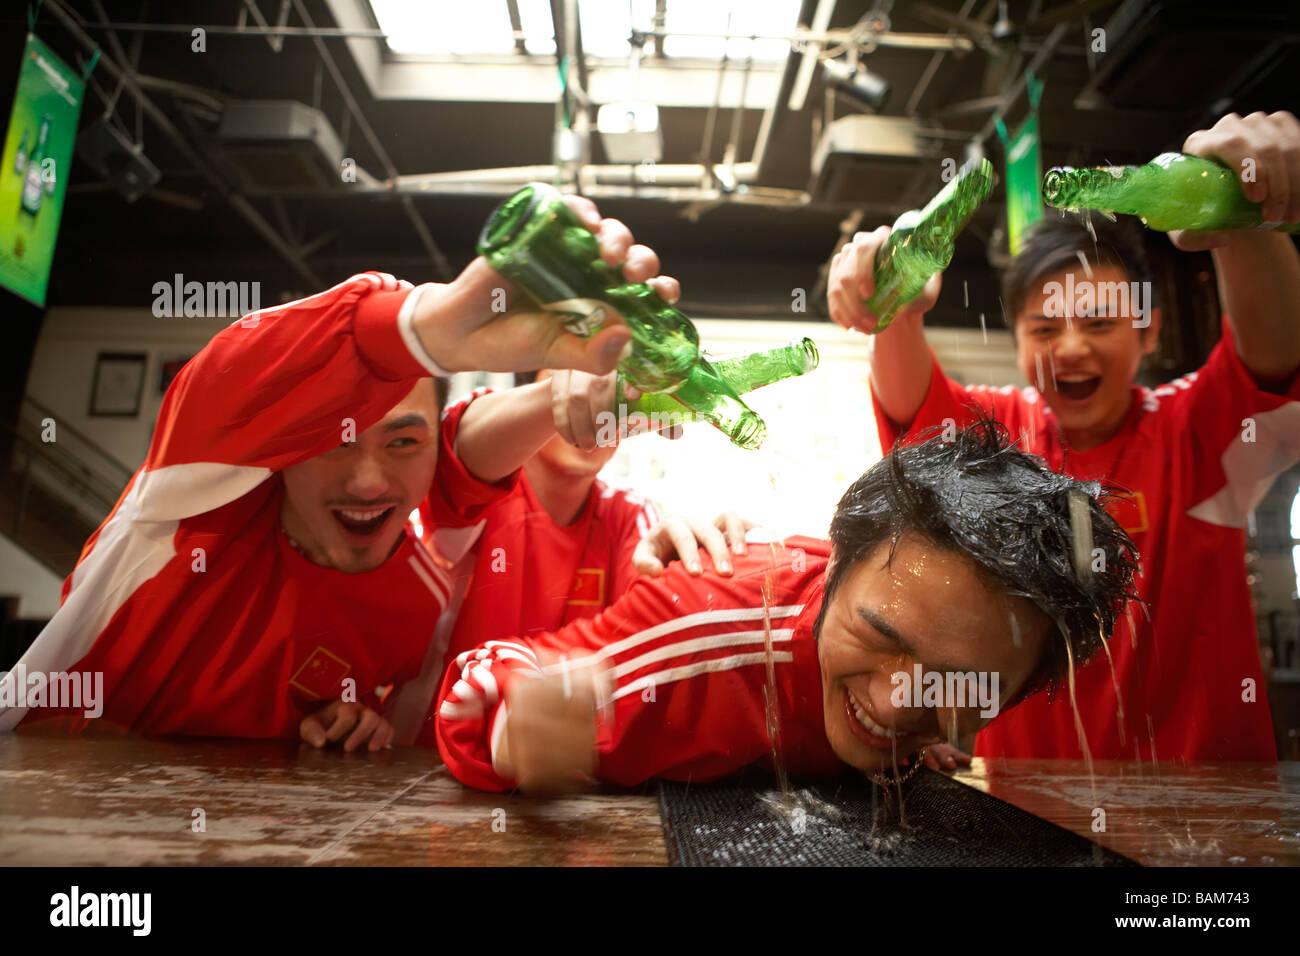 Giovani uomini versando alcool su Giovane Uomo appoggiato sulla barra Immagini Stock